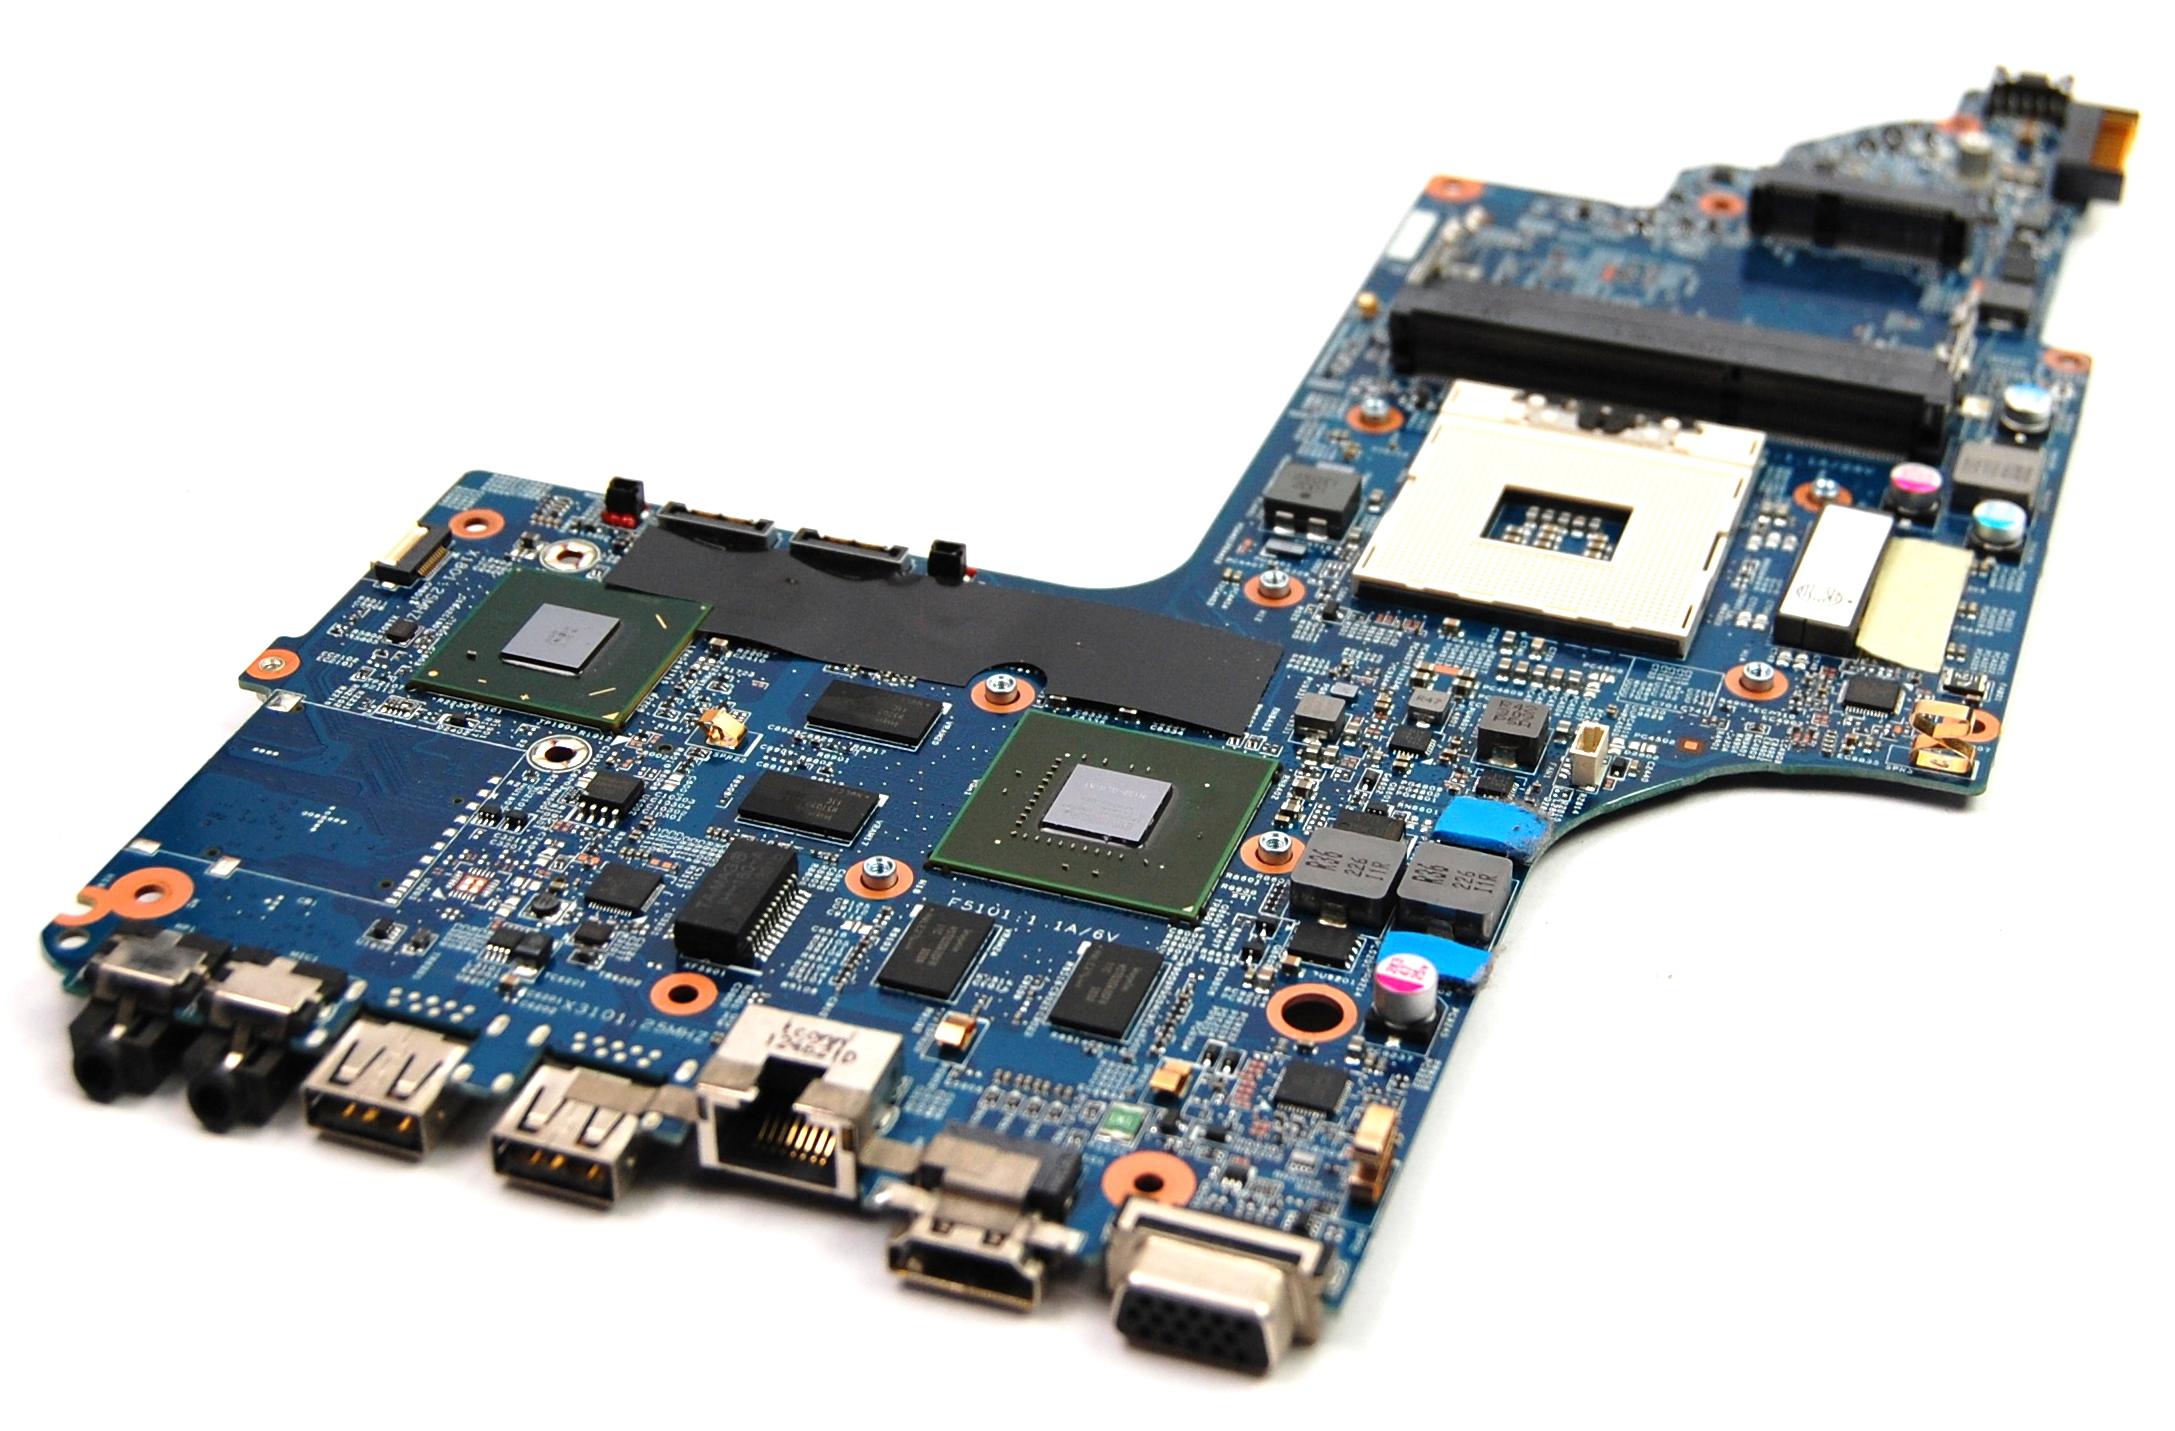 HP 55.4ZQ01.011 ENVY dv7 Socket rPGA989 Motherboard with GeForce GT635M GPU